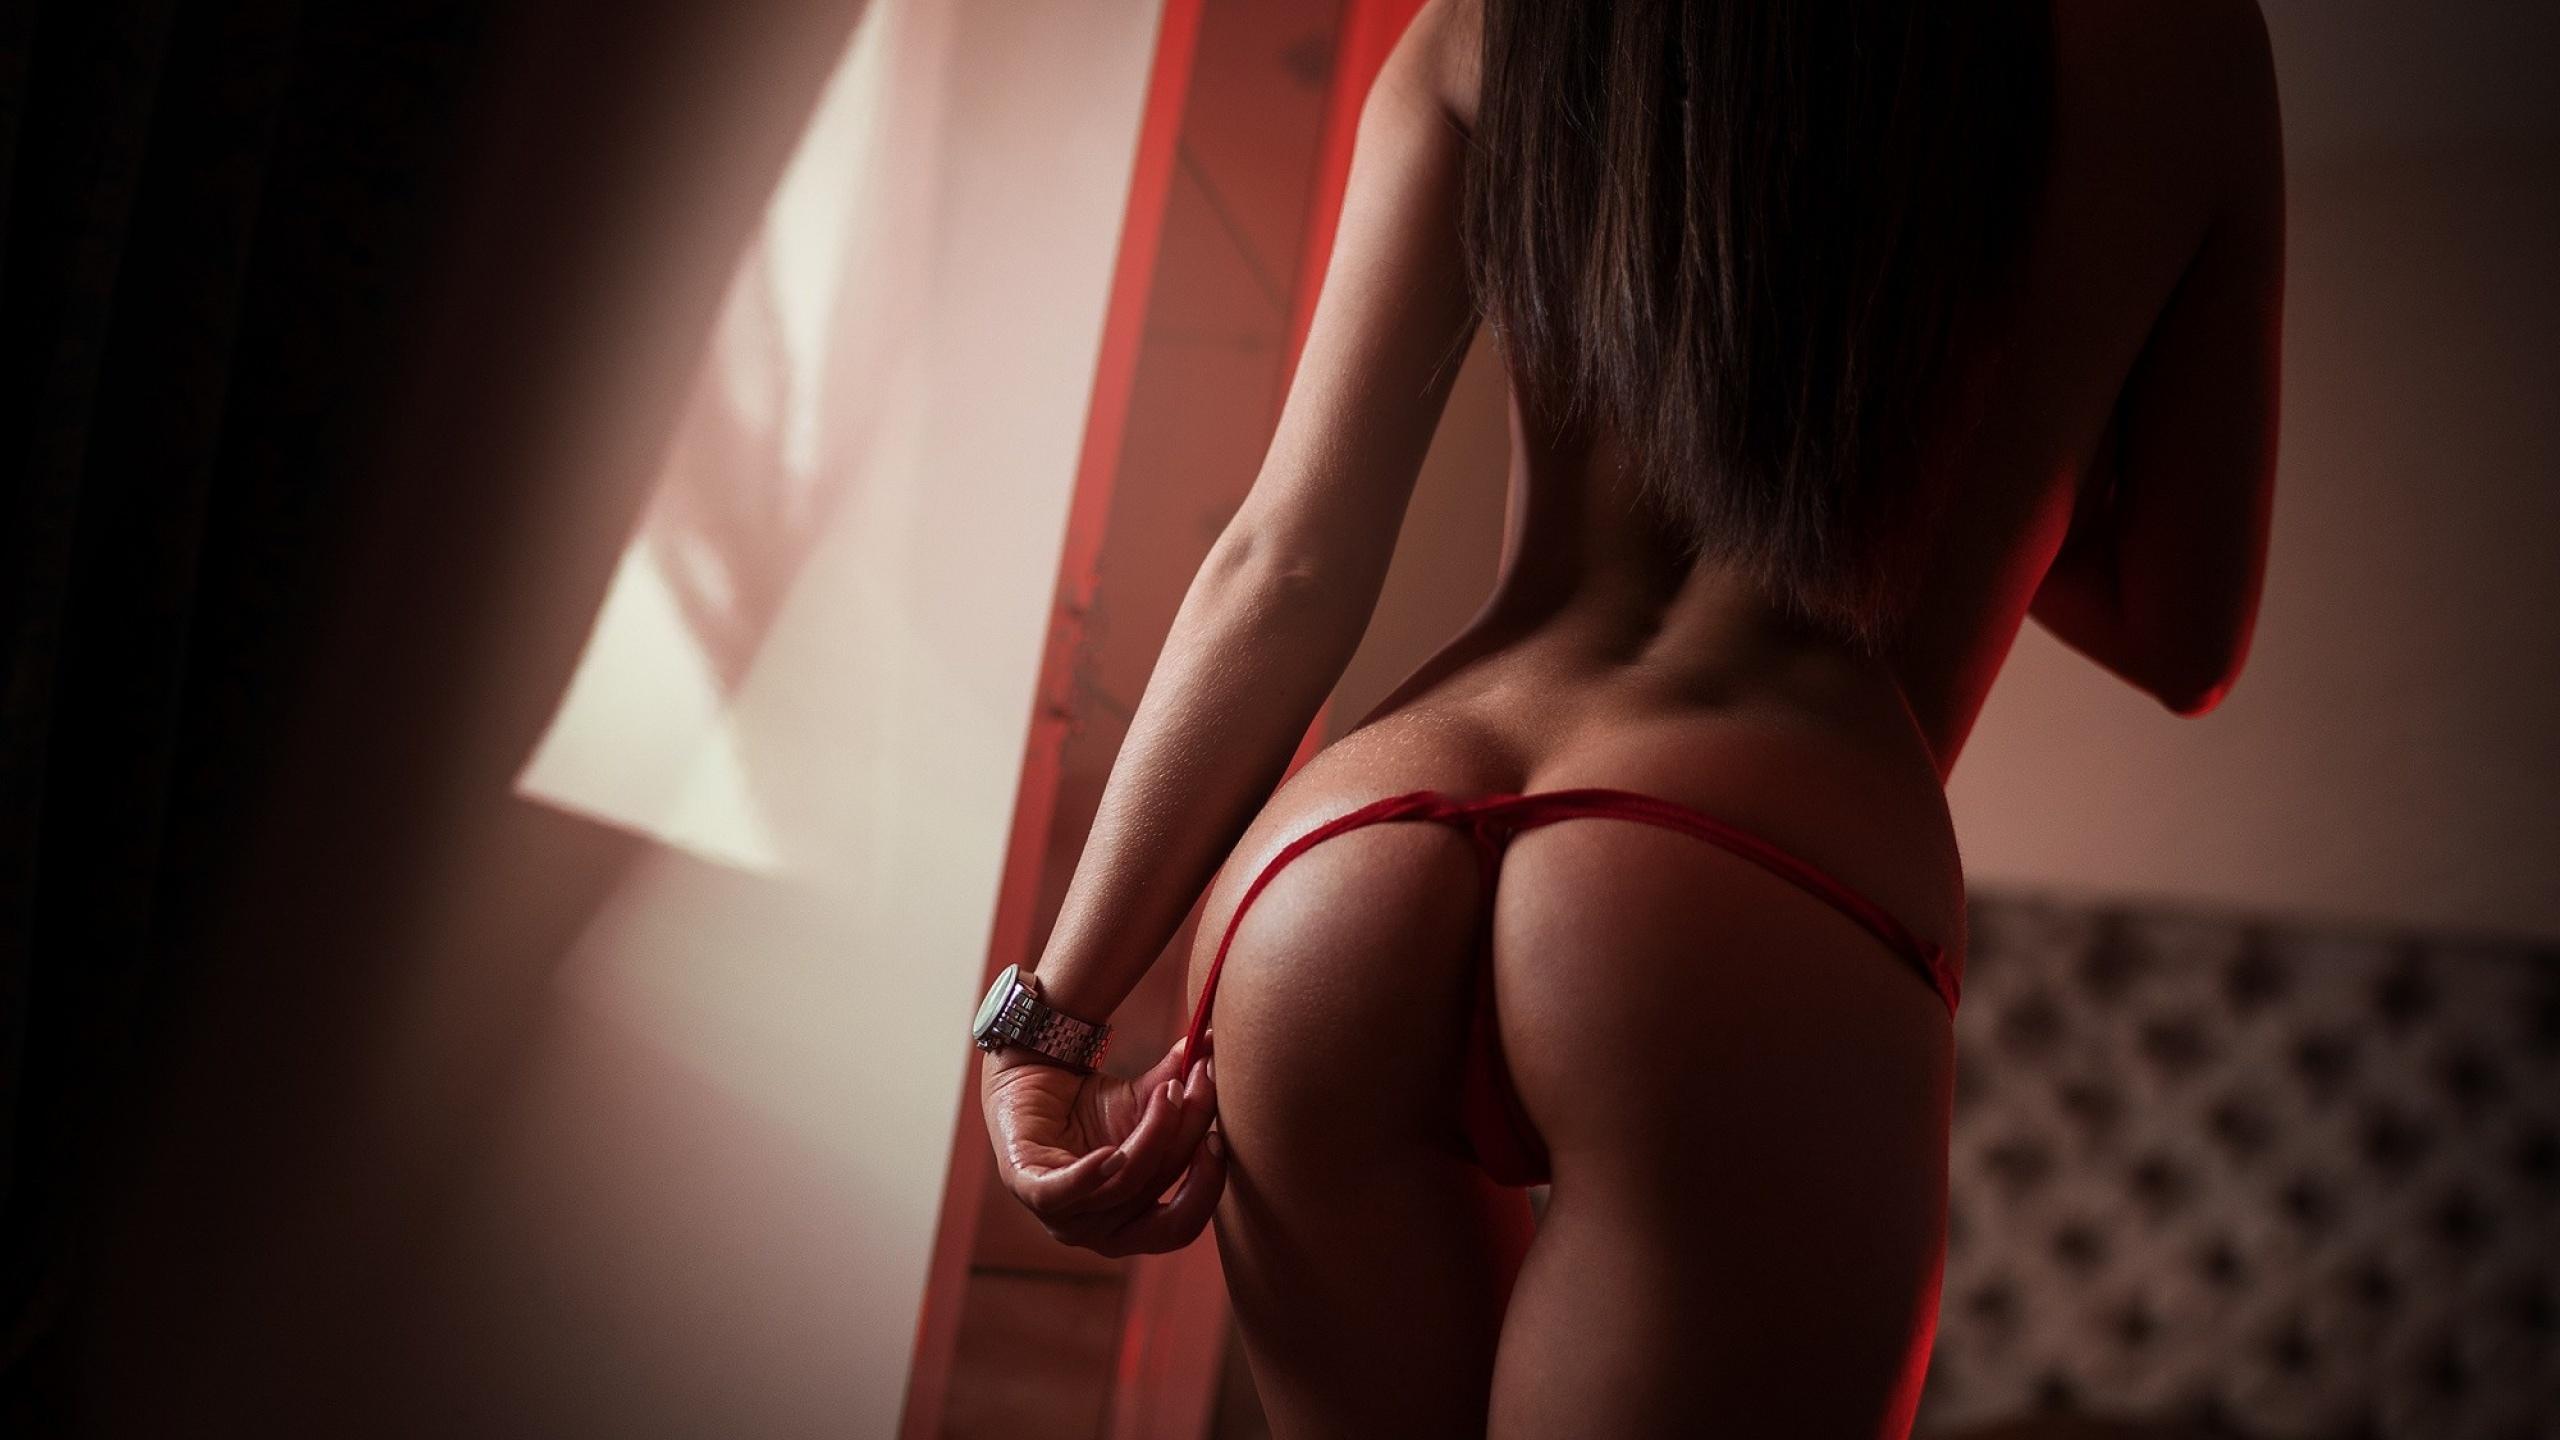 девушка, сексуальная, трусики, попа, зад, ягодицы, попка, задница, красивые булочки